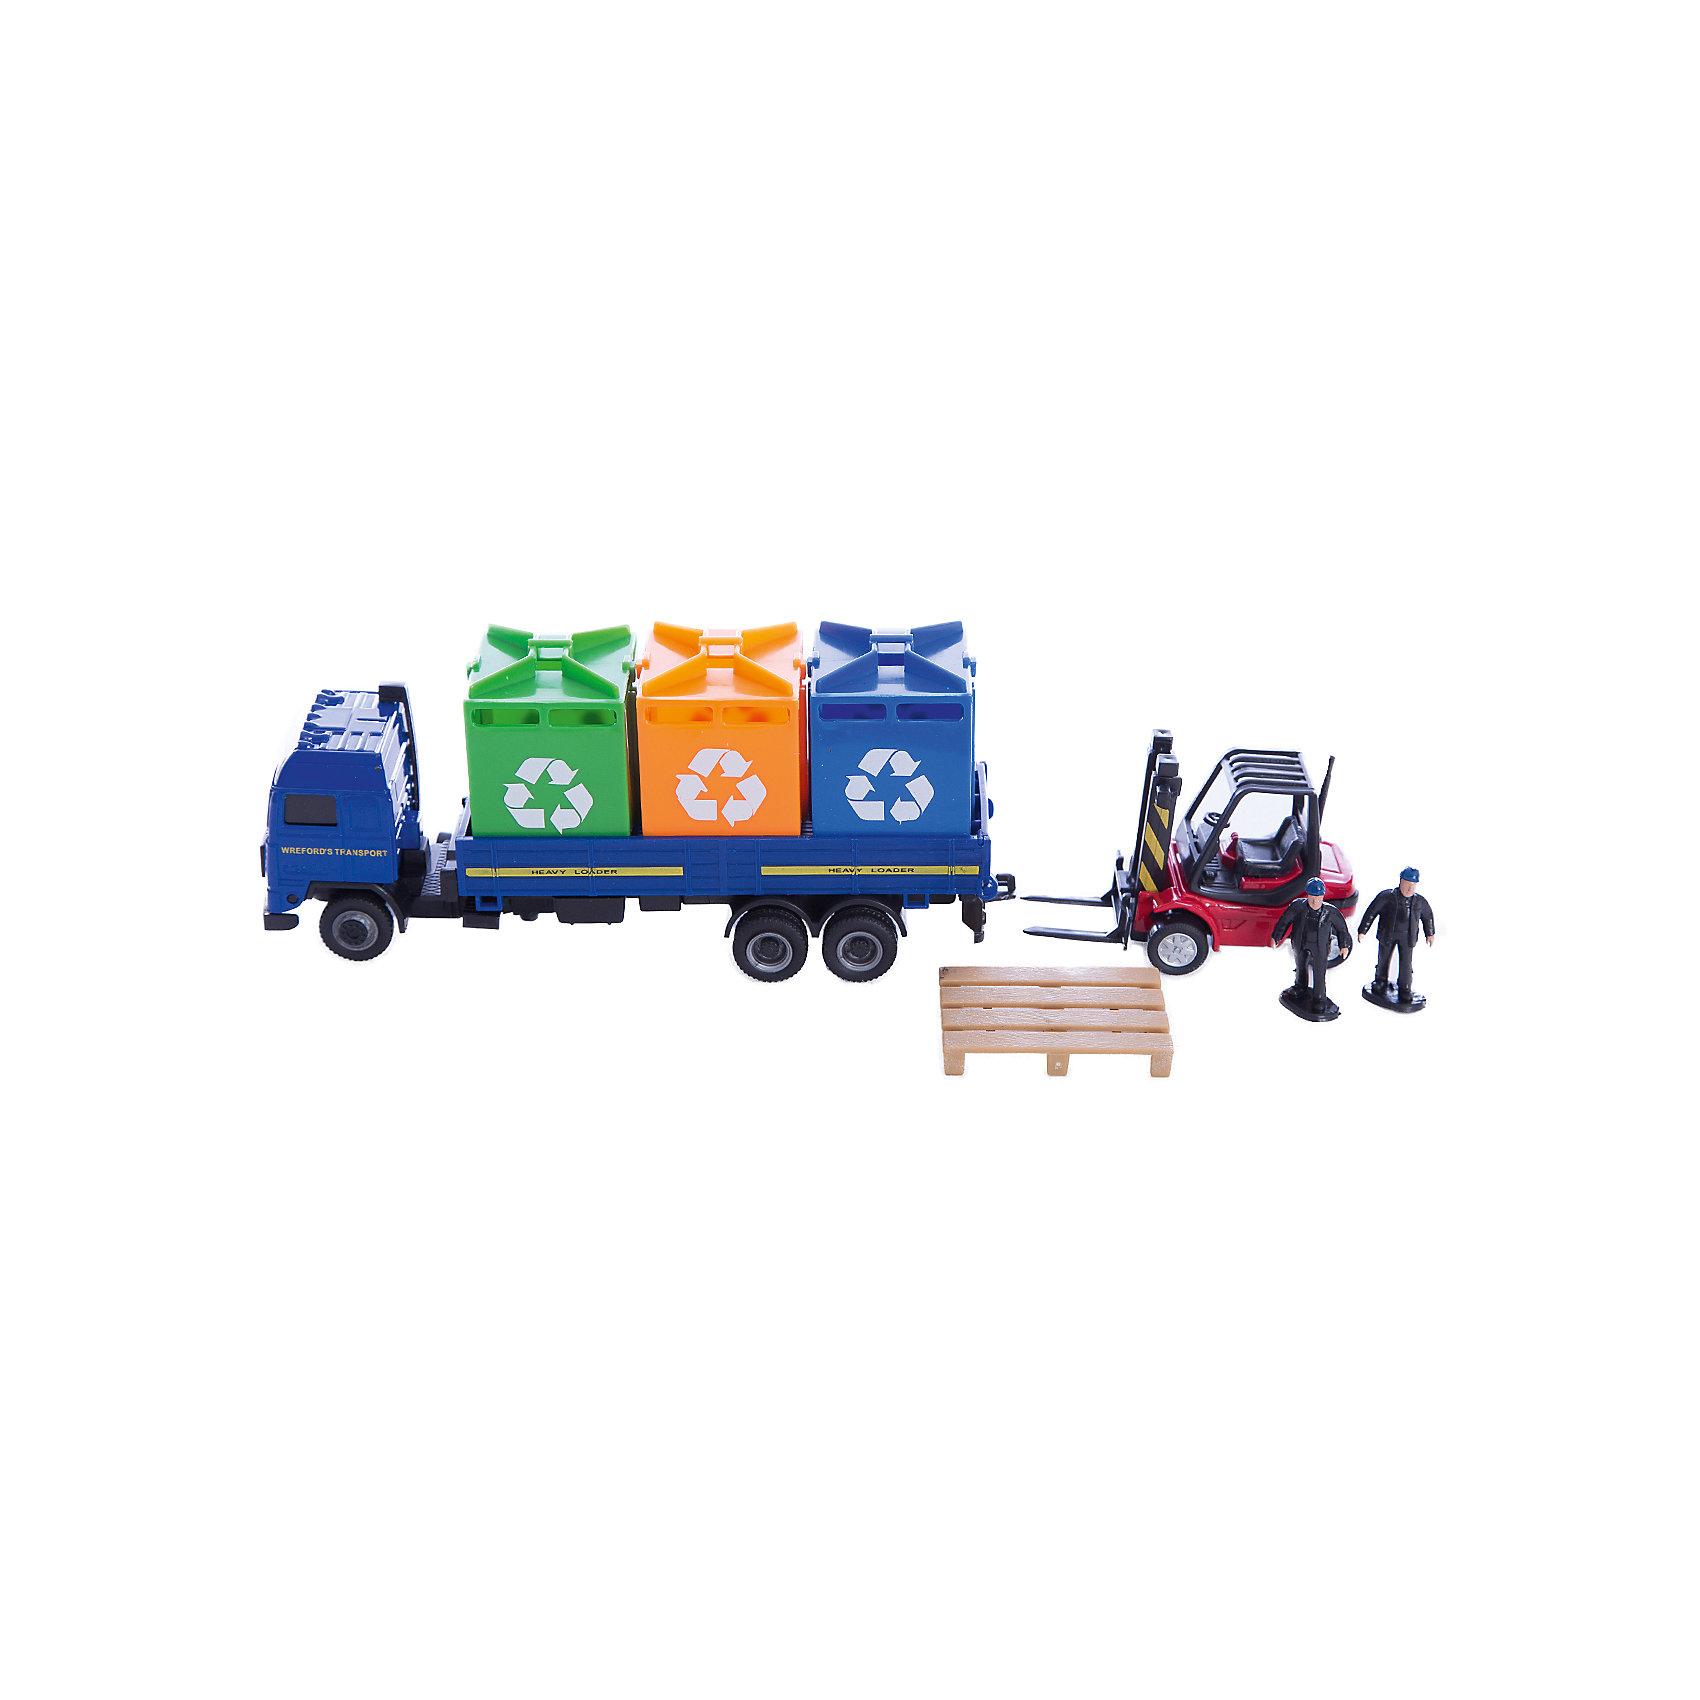 Набор Уборочная служба Cleaning service, AutotimeМашинки<br>Набор Уборочная служба Cleaning service, Autotime (Автотайм).<br><br>Характеристики:<br><br>• В наборе: грузовик, автокар, 2 фигурки рабочих, платформа, 3 мусорных контейнера<br>• Материал: прочный пластик<br>• Упаковка: картонная коробка блистерного типа<br>• Размер упаковки: 24x6x16 см.<br><br>Этот игровой набор познакомит ребенка с техникой и приспособлениями, которые помогают содержать город в чистоте. В набор входят: автомобиль-мусоровоз, автокар с платформой, три контейнера для мусора и две фигурки рабочих. Колеса автомобиля и автокара вращаются.<br><br>Набор Уборочная служба Cleaning service, Autotime (Автотайм) можно купить в нашем интернет-магазине.<br><br>Ширина мм: 350<br>Глубина мм: 120<br>Высота мм: 158<br>Вес г: 800<br>Возраст от месяцев: 36<br>Возраст до месяцев: 2147483647<br>Пол: Мужской<br>Возраст: Детский<br>SKU: 5583858